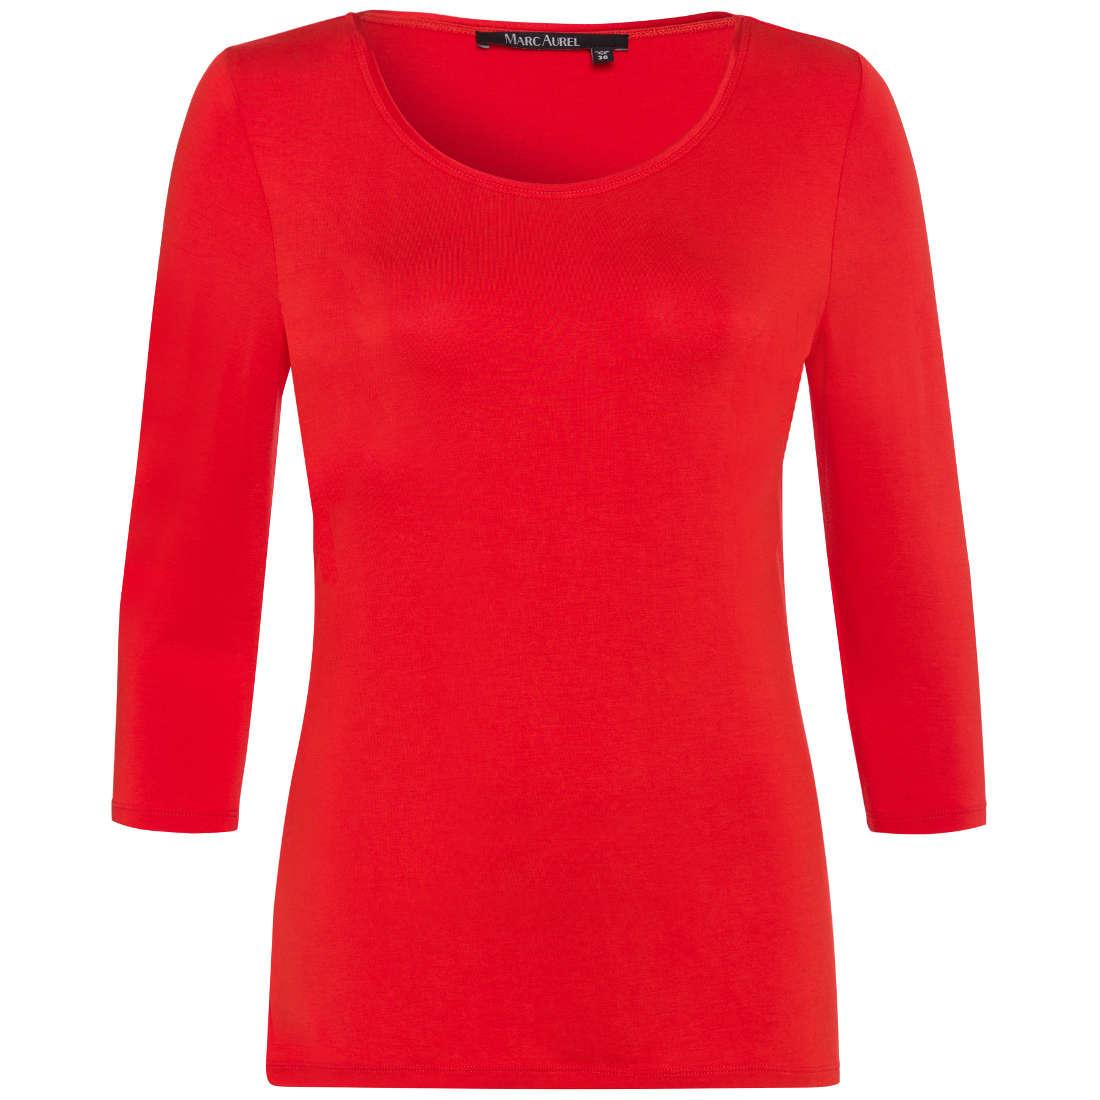 Marc Aurel t-shirt 76807000-72842 in het Rood